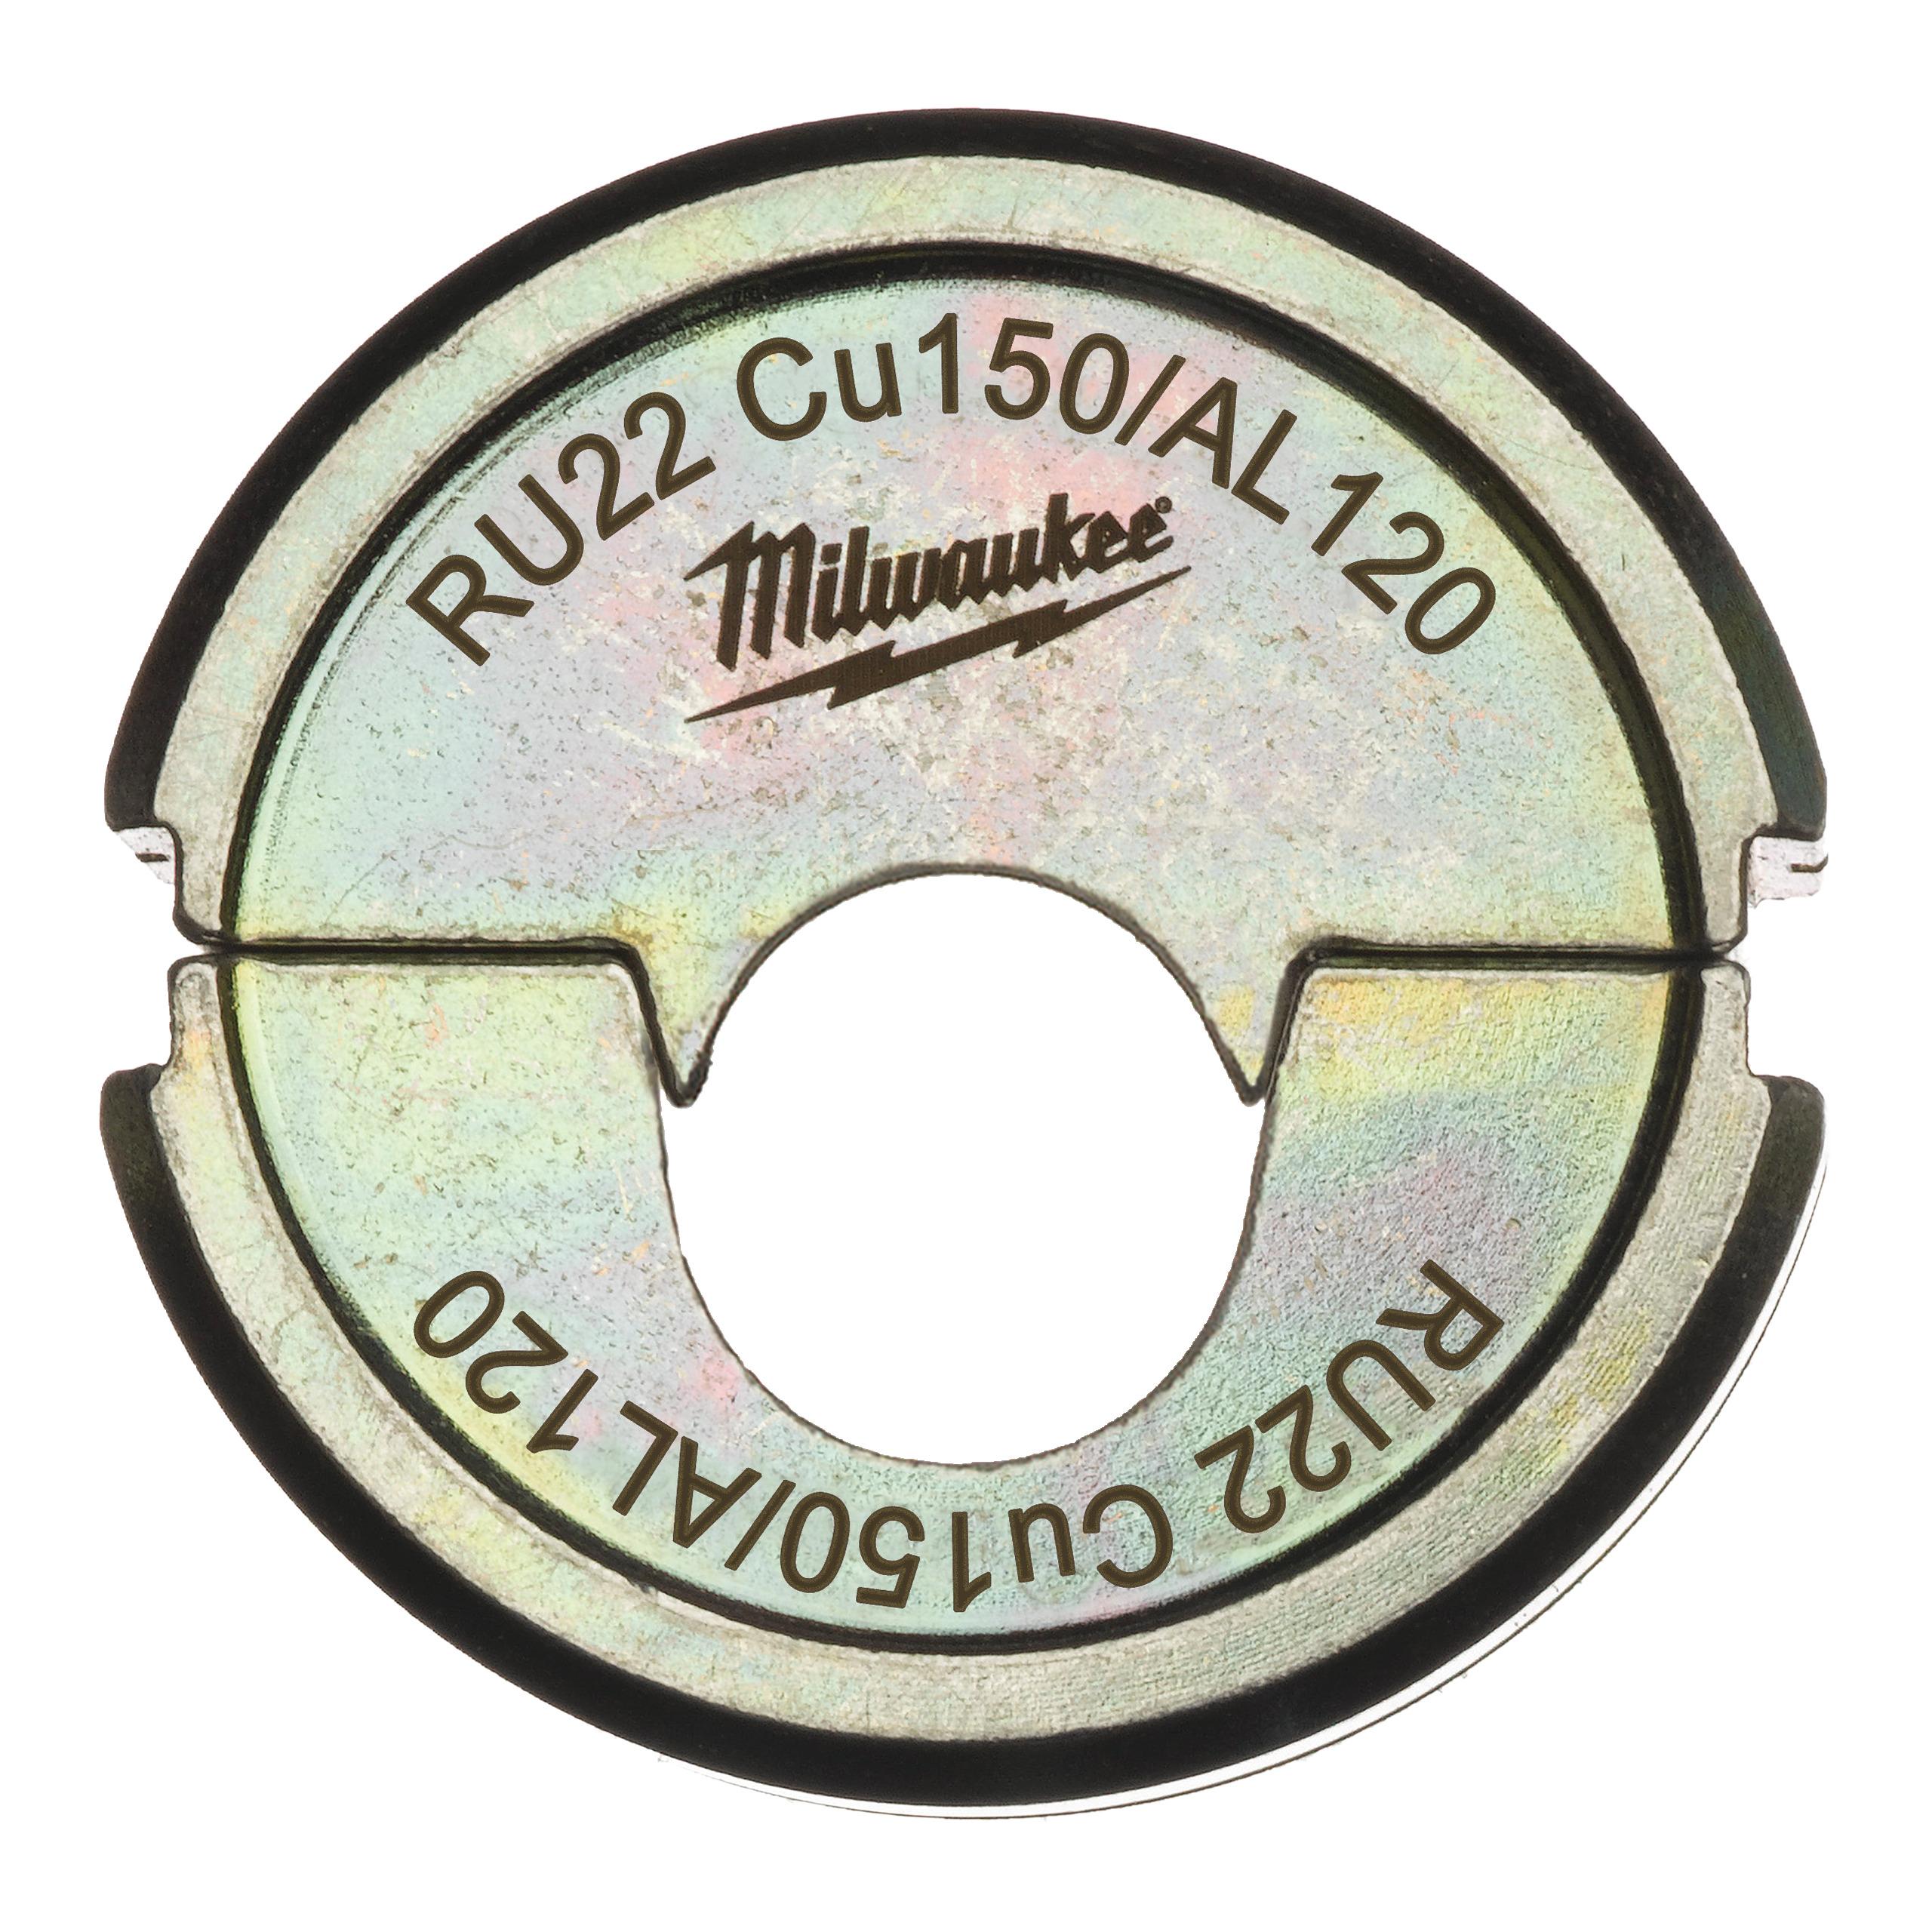 Krimpovací čelisti  RU22 Cu150/AL120